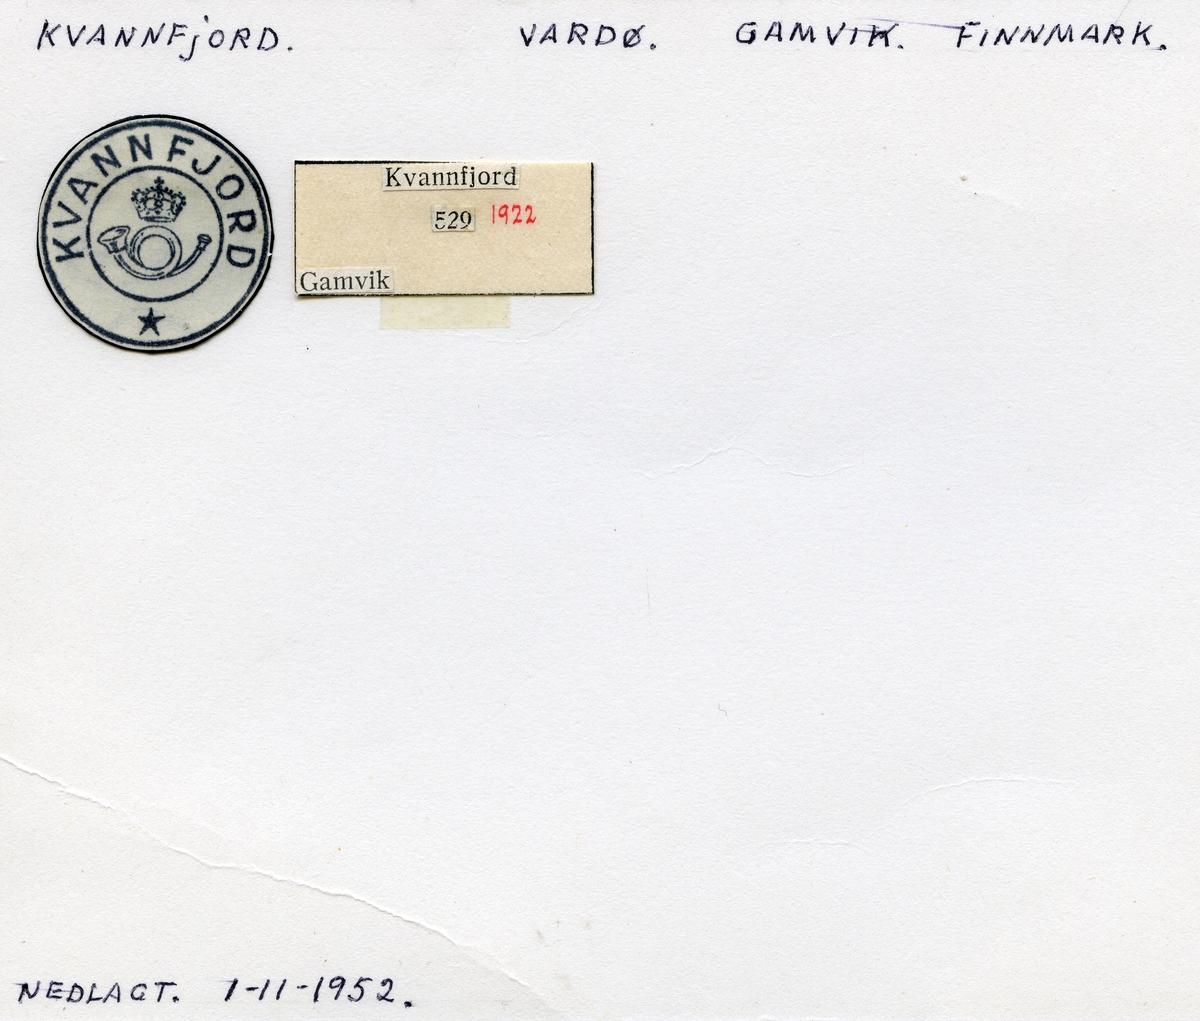 Stempelkatalog Kvannfjord, Vardø, Gamvik, Finnmark